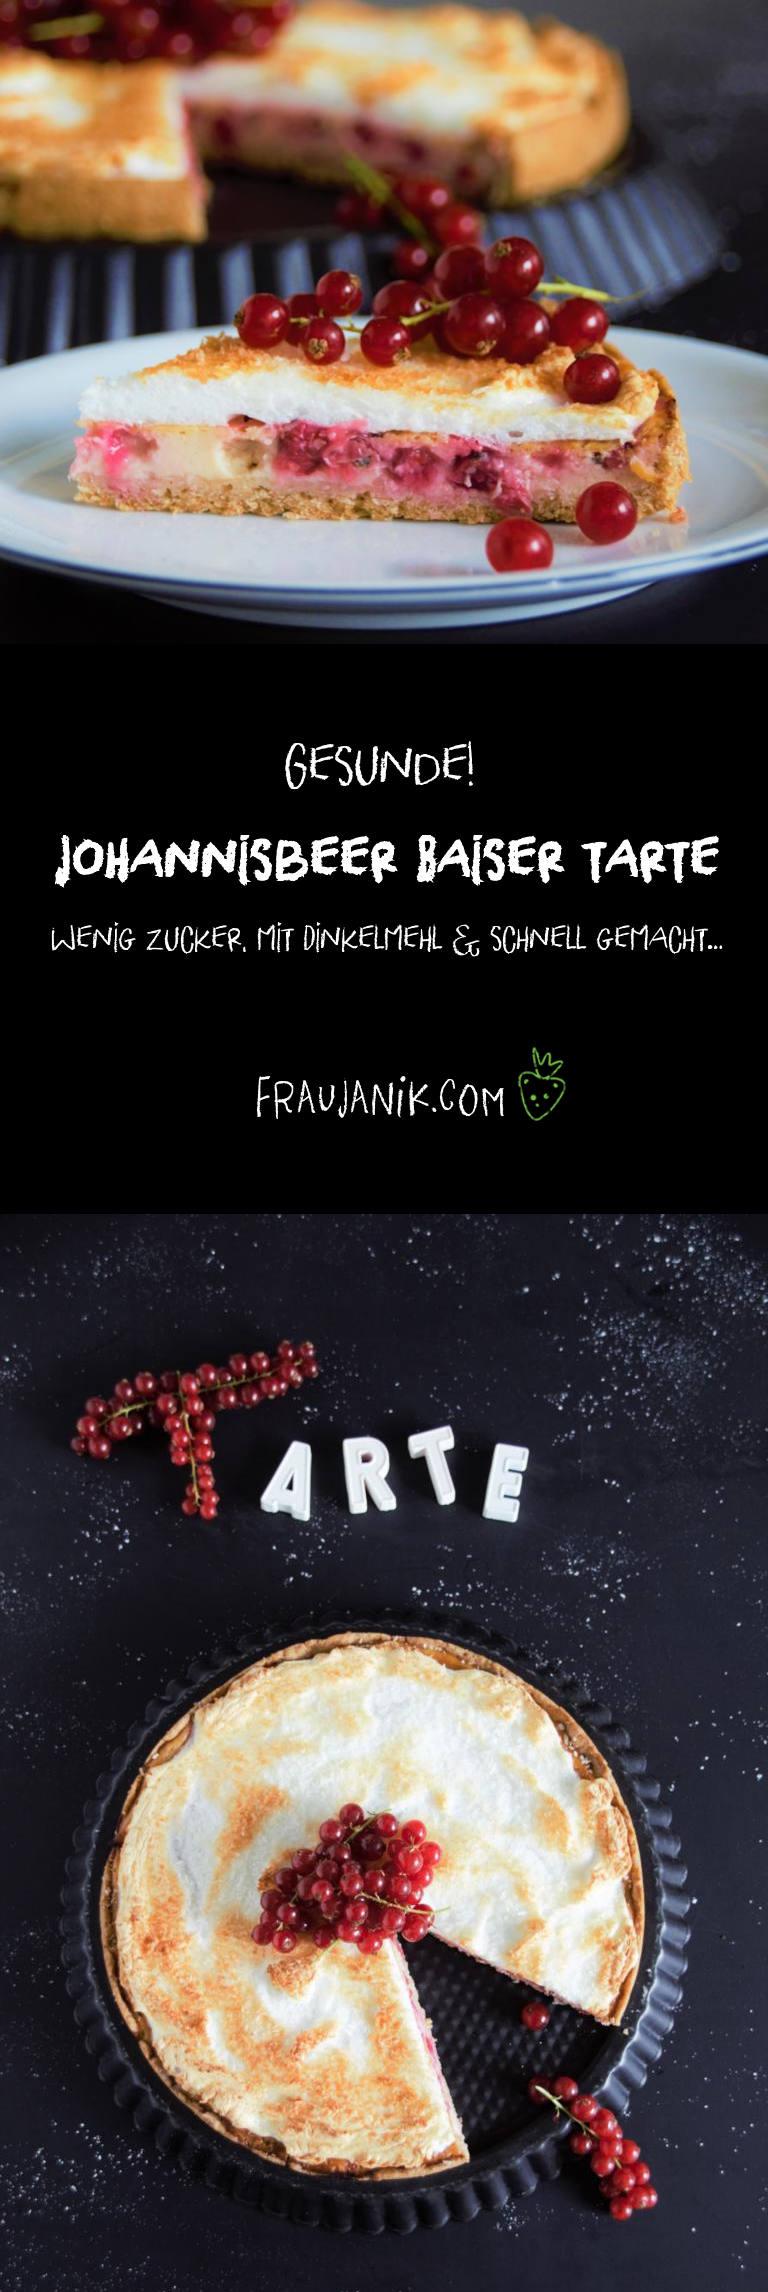 Johannisbeer Baiser Tarte, gesund